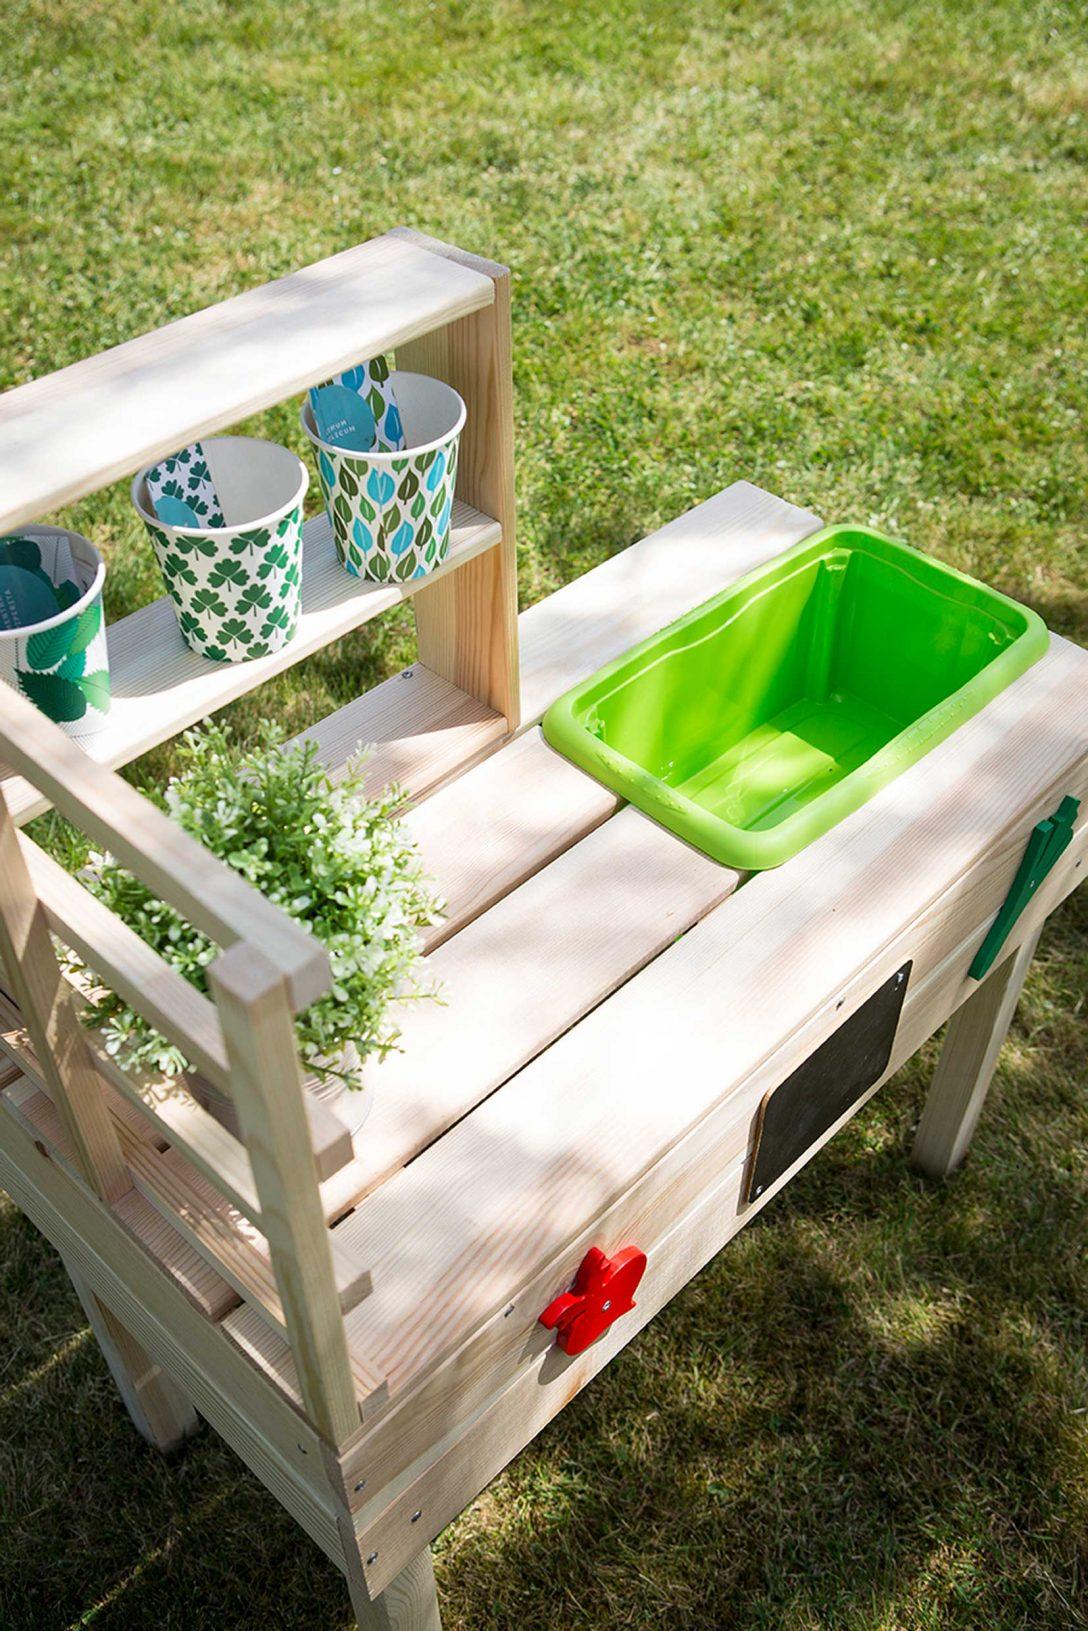 Garten Tisch Gartentischdecke Gartentisch Klappbar Ikea Betonoptik